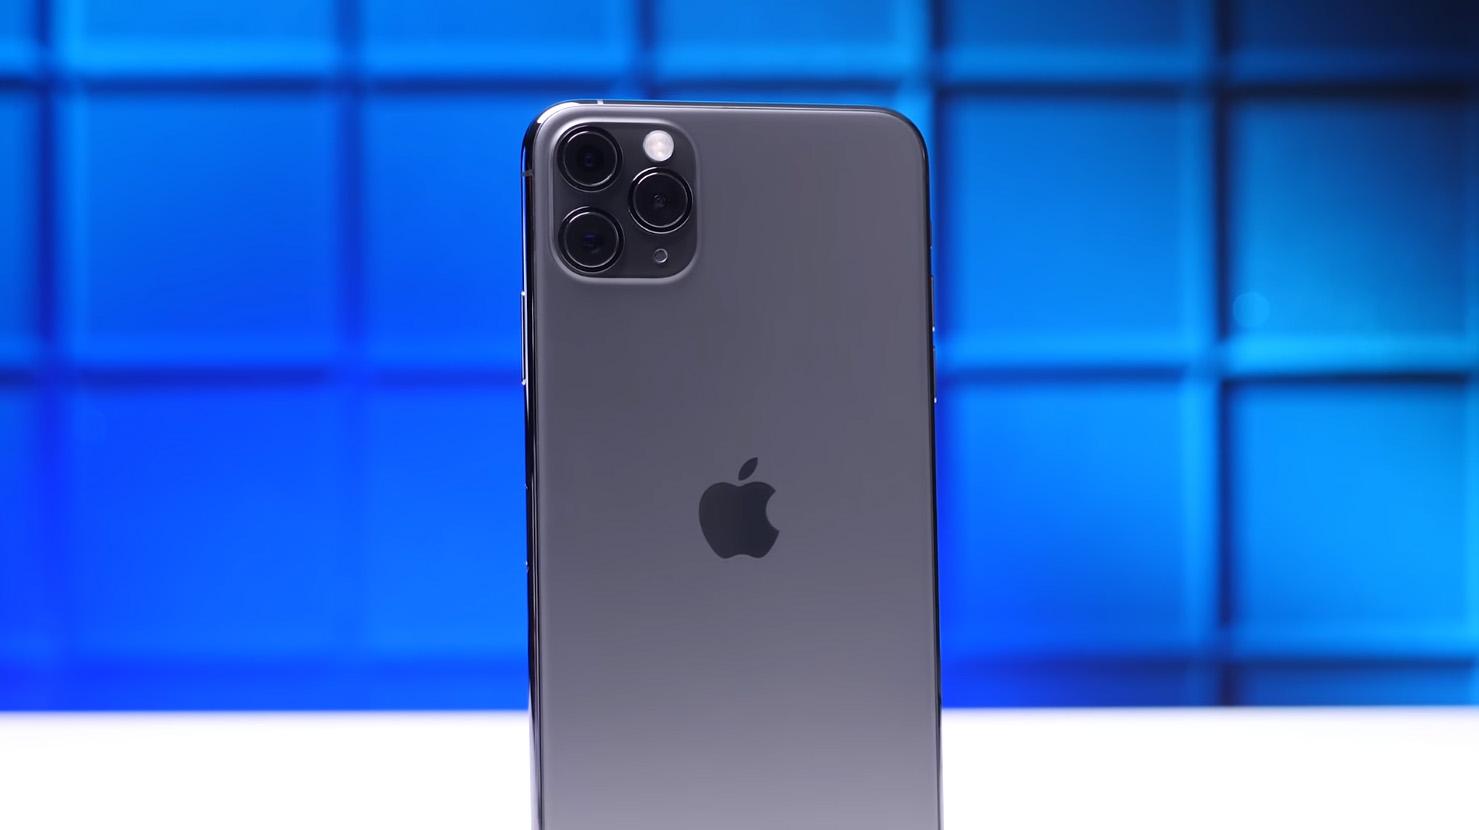 iPhone 11 Pro Max 電池續航吊打 Galaxy Note 10+